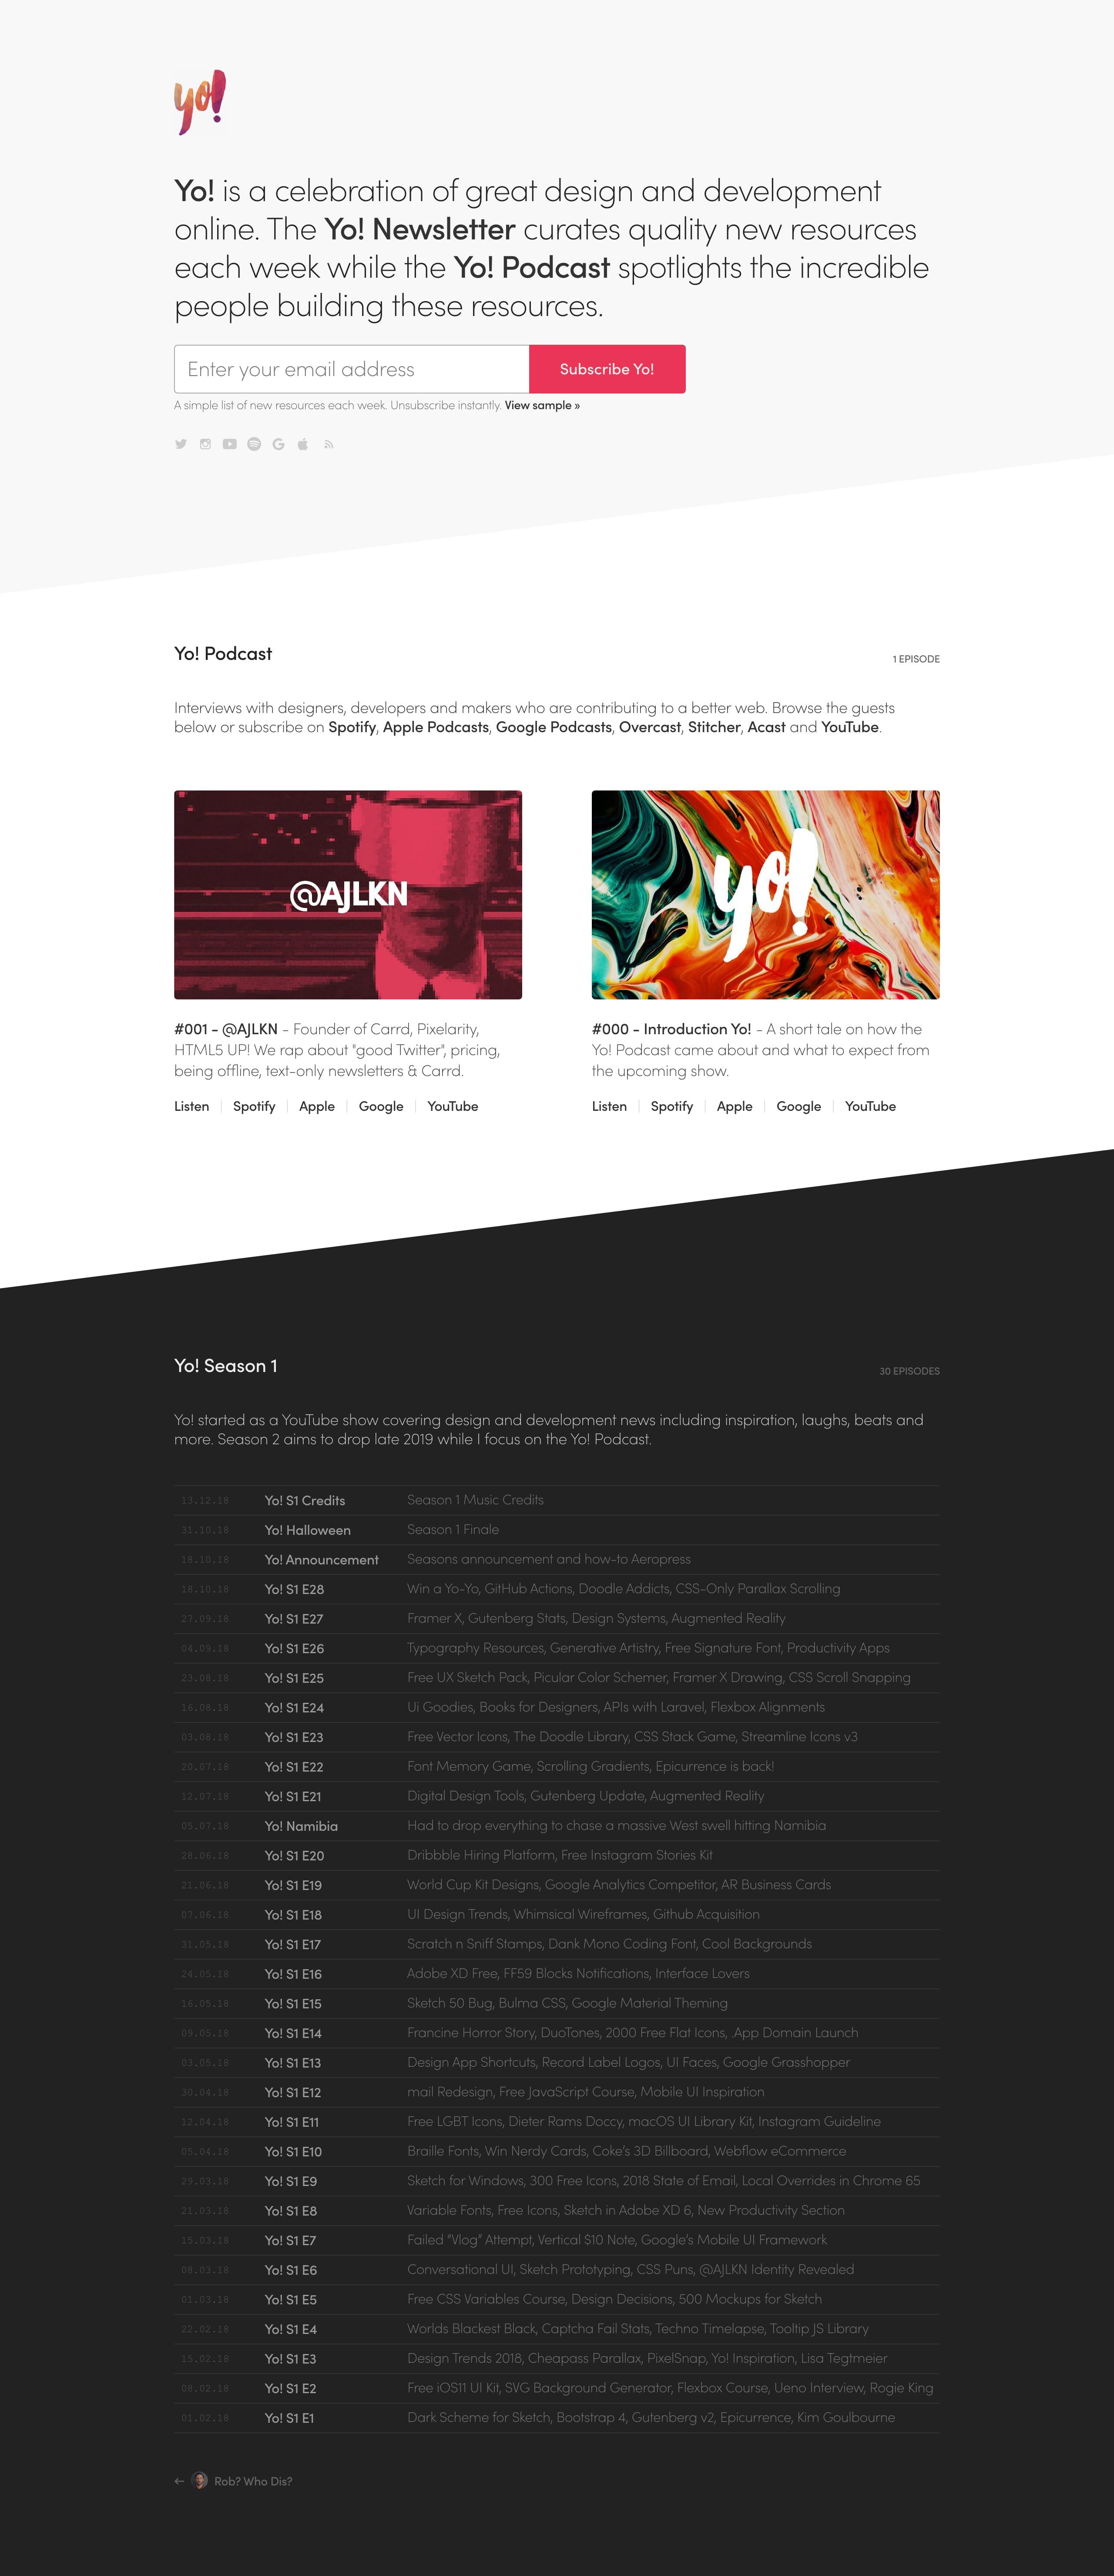 Yo! Website Screenshot